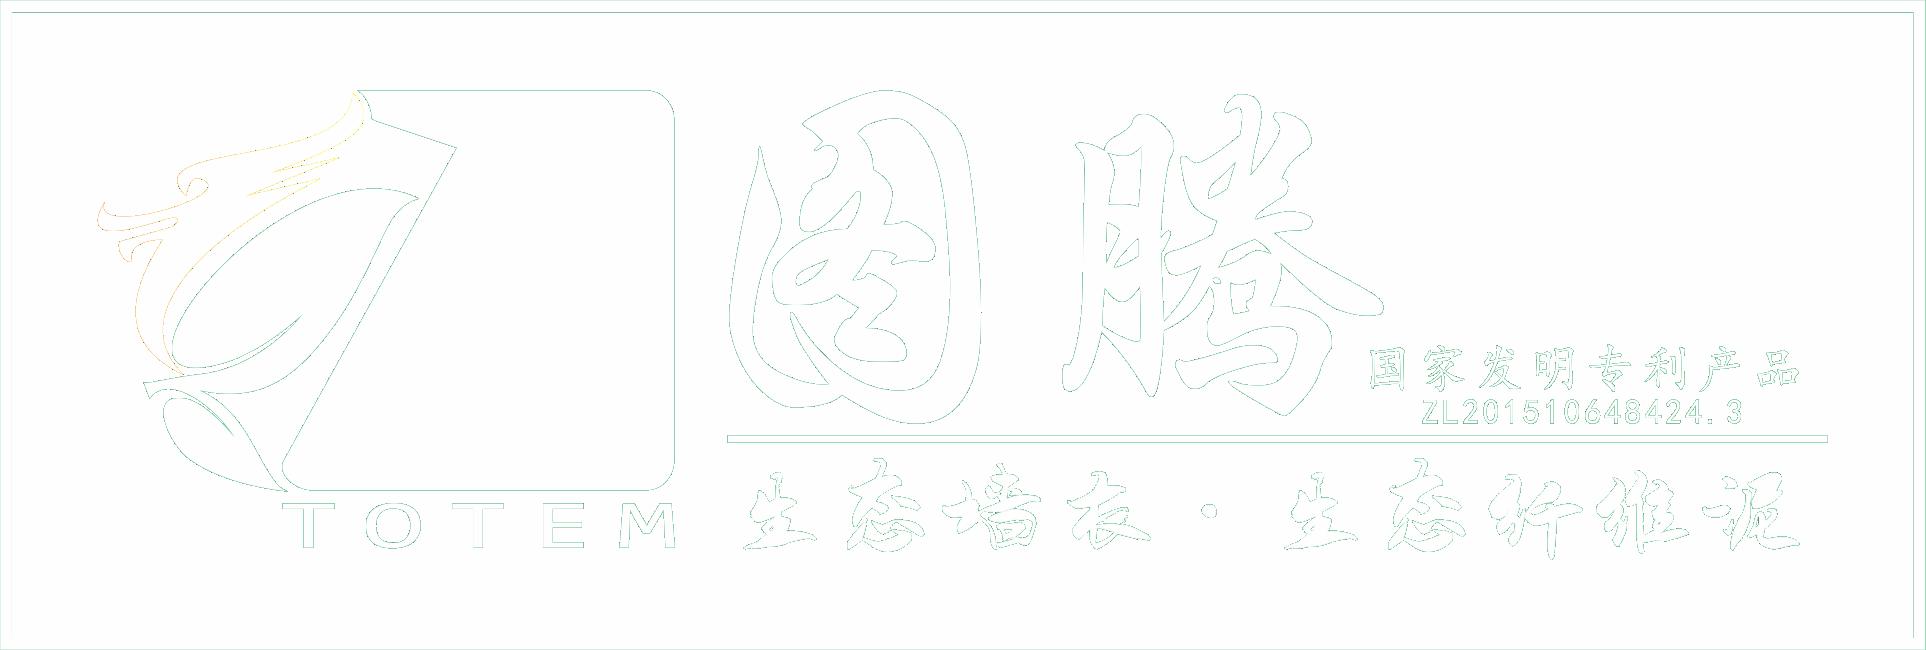 ag平台捕鱼王标志